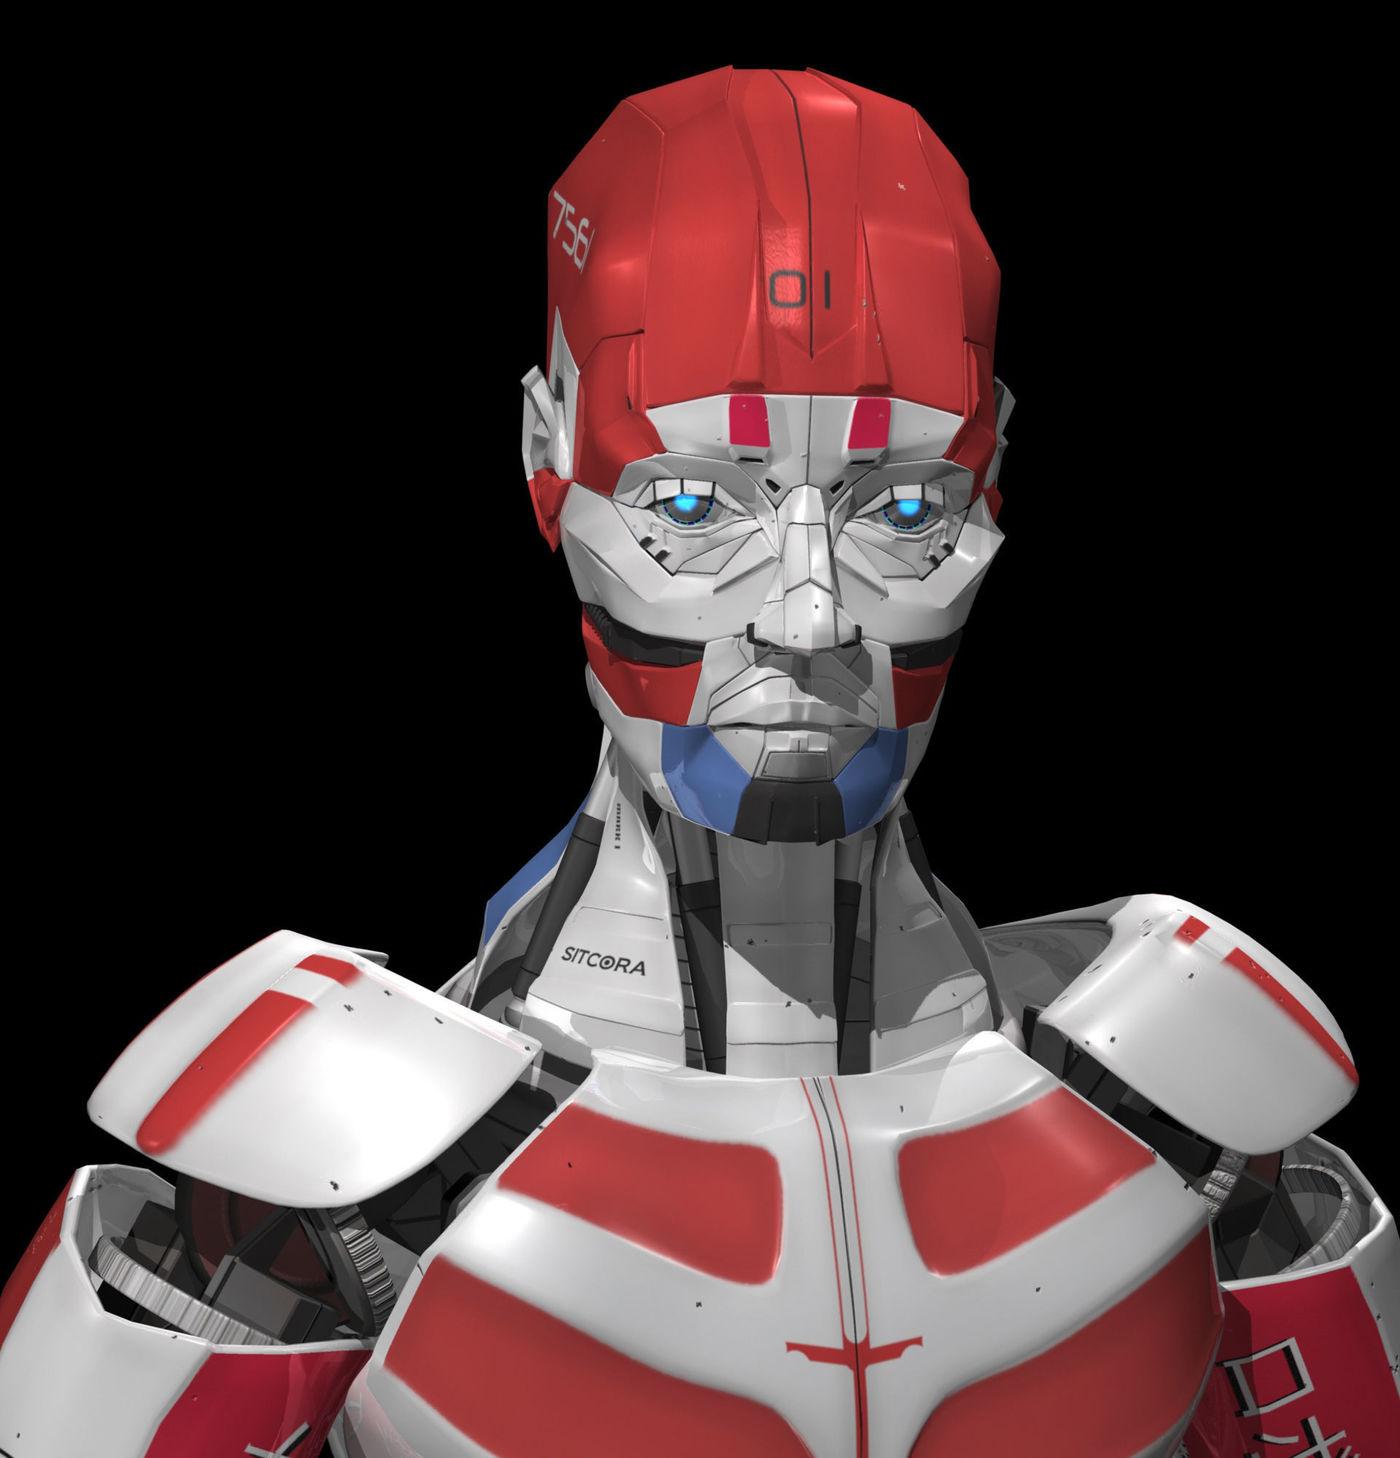 Droidman